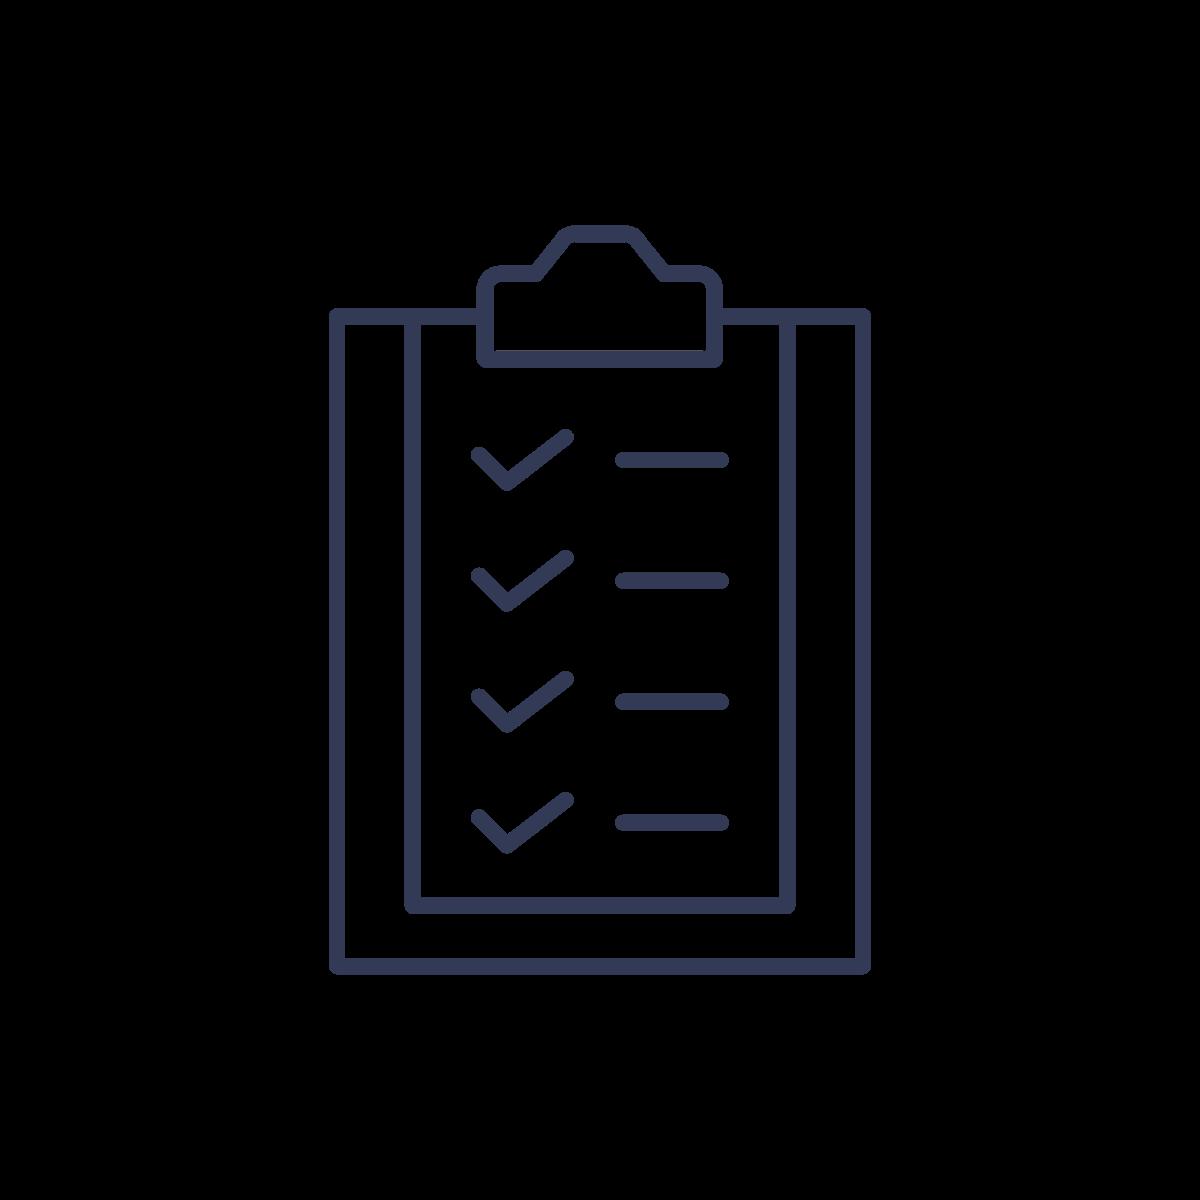 icon: clipboard